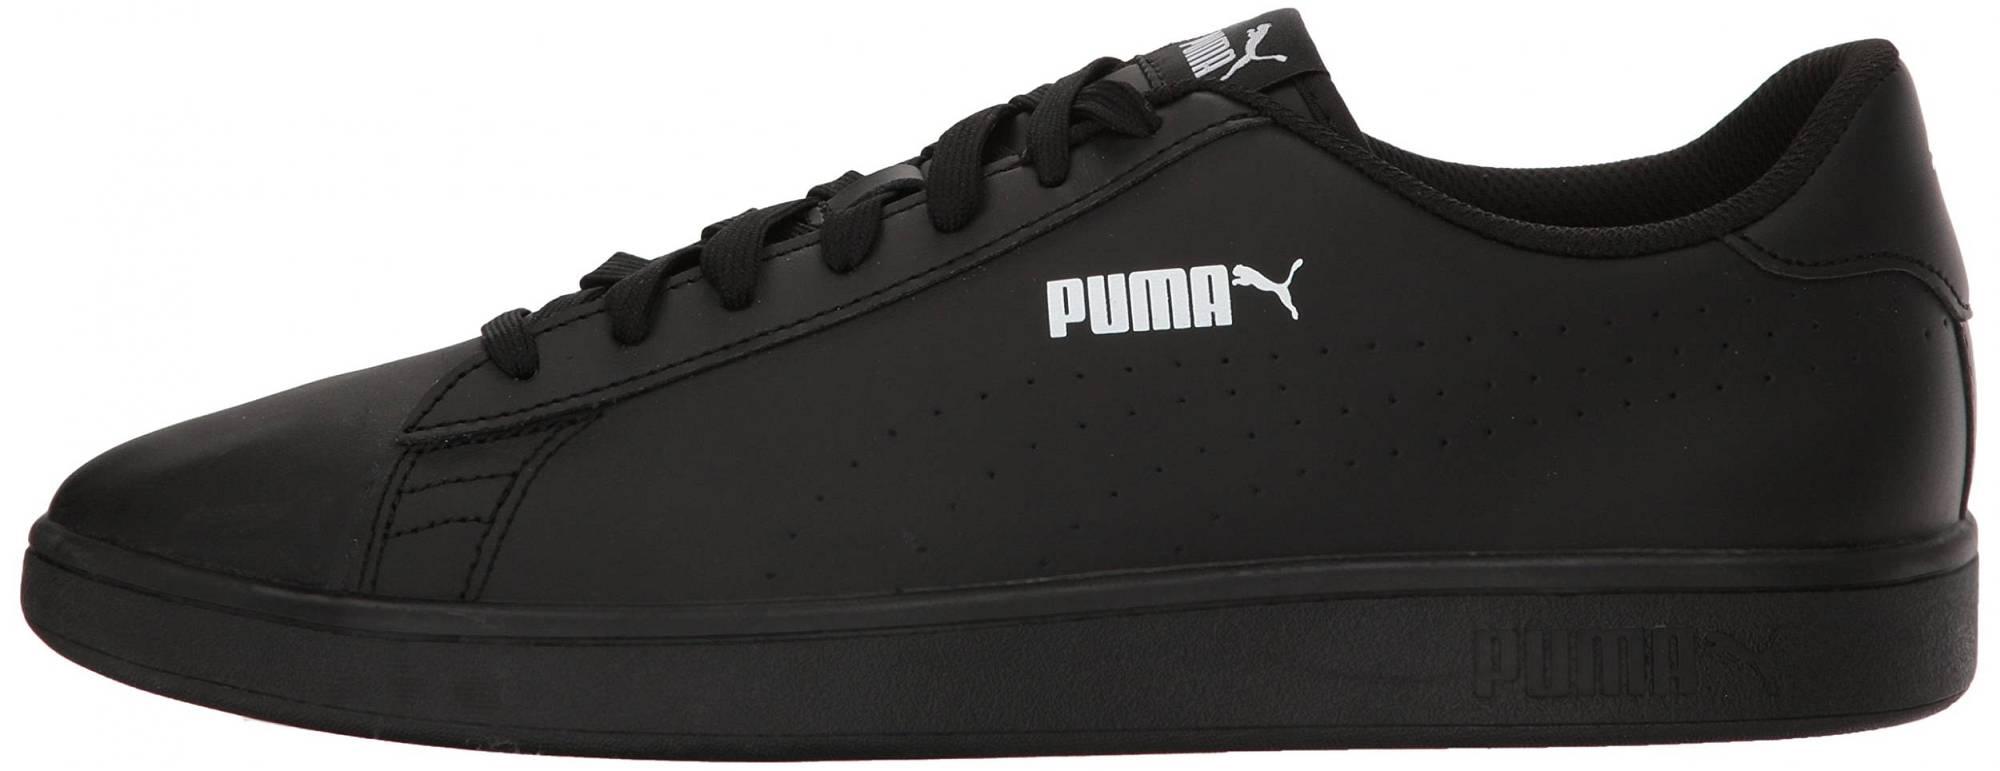 Puma Smash v2 L Perf – Shoes Reviews